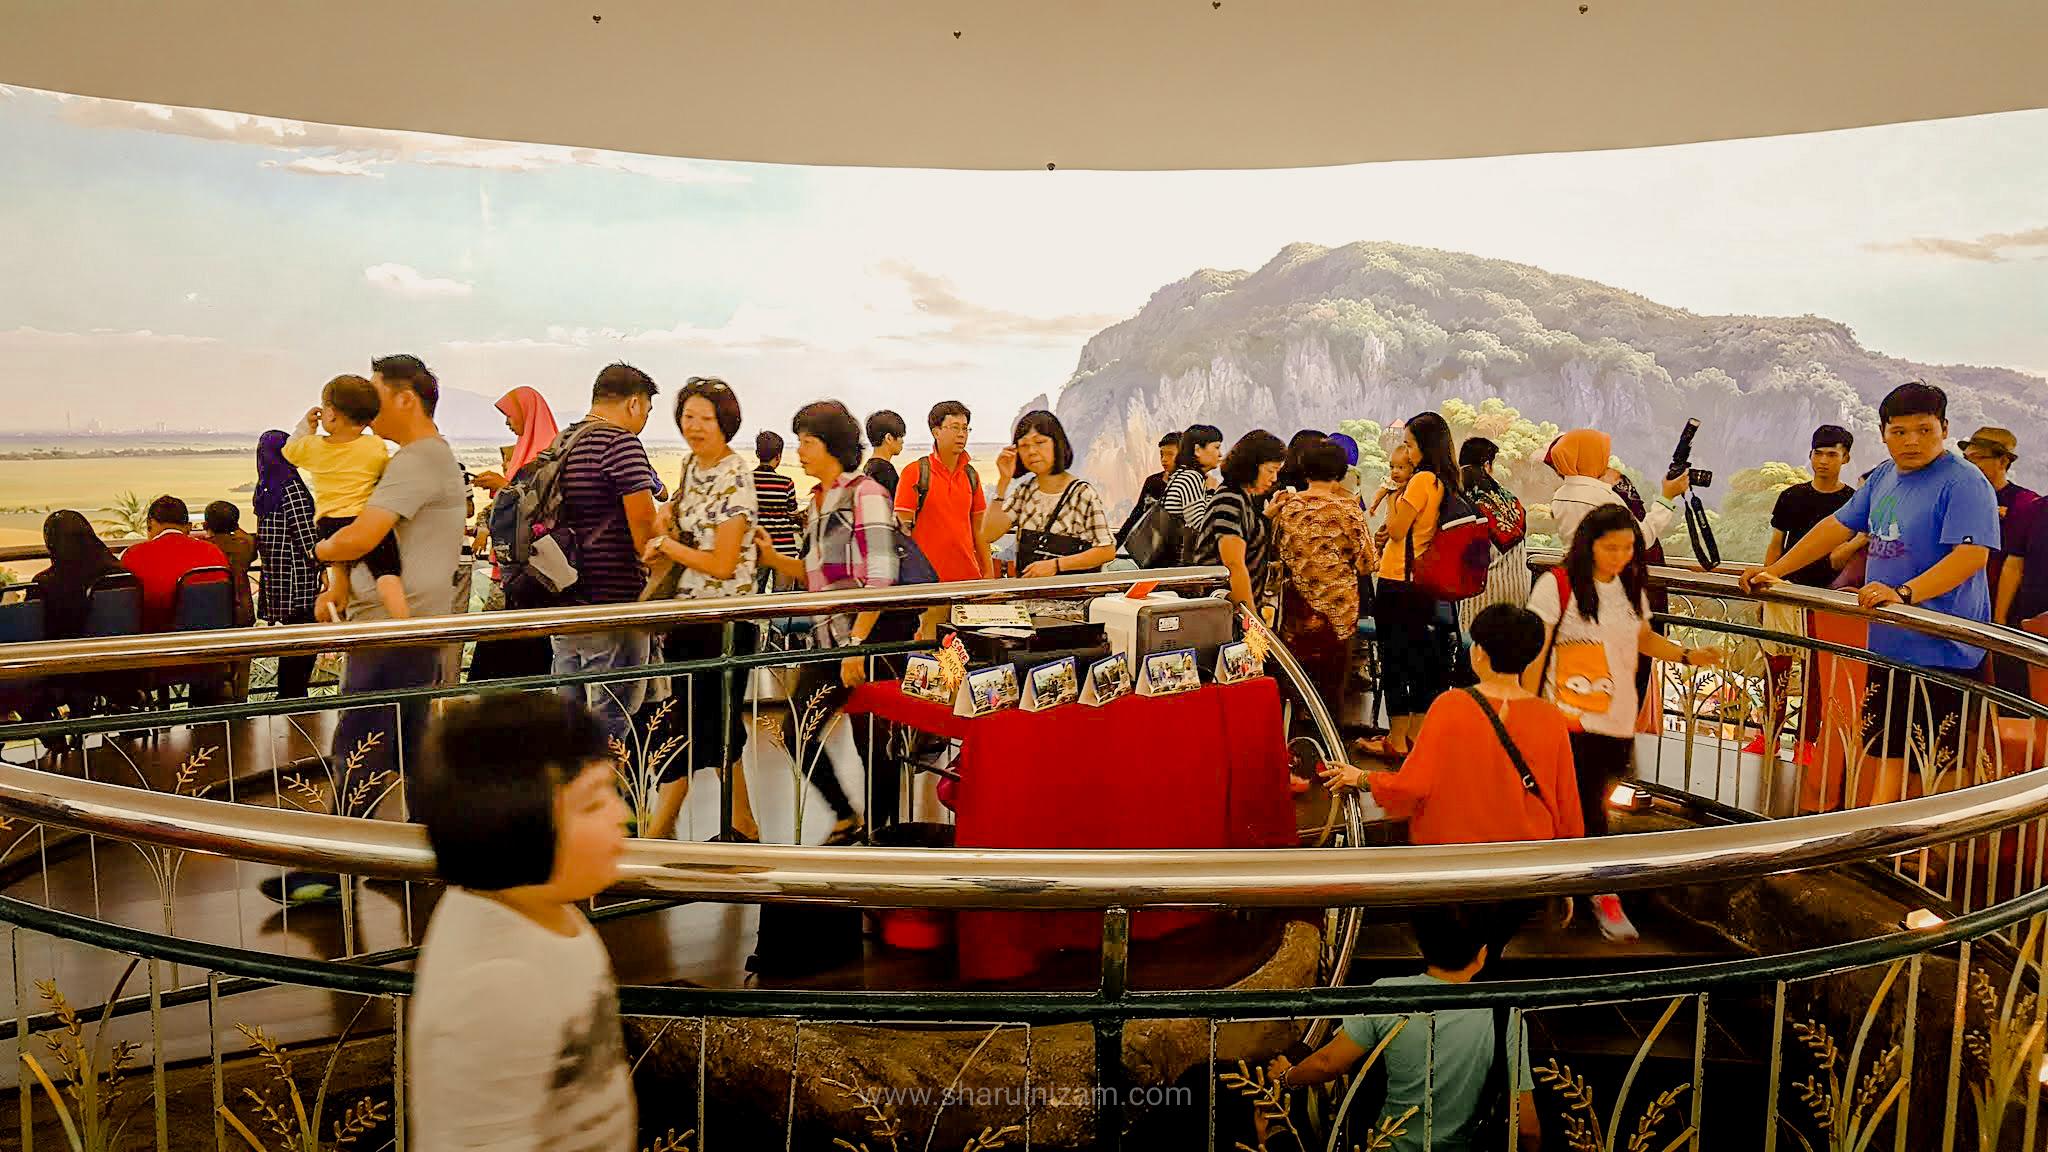 Muzium Padi Di Alor Setar, Kedah